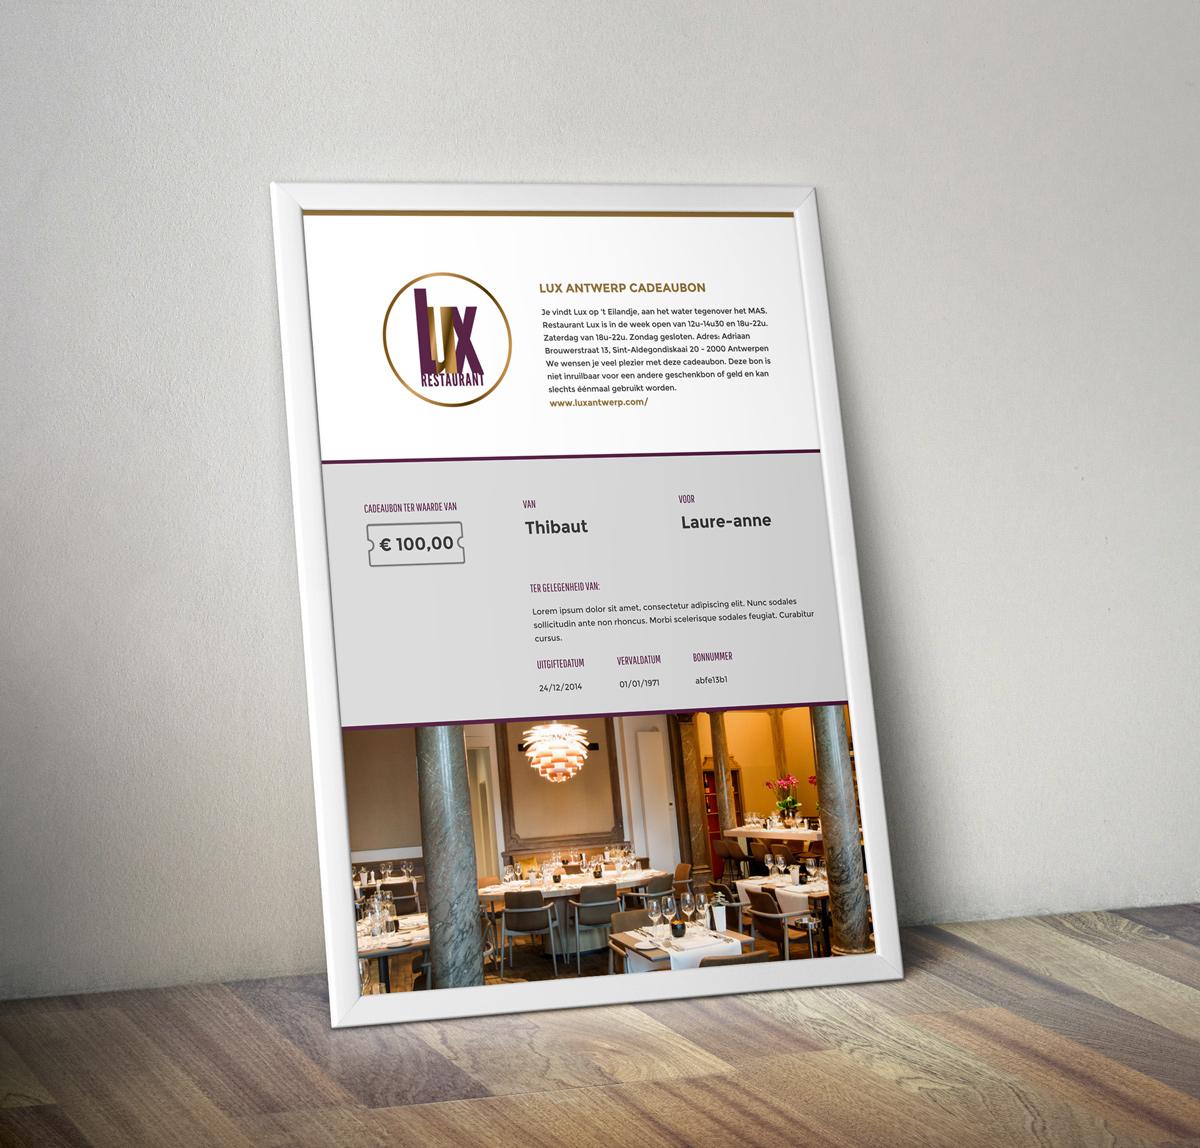 Cadeaubon Restaurant Lux.jpg